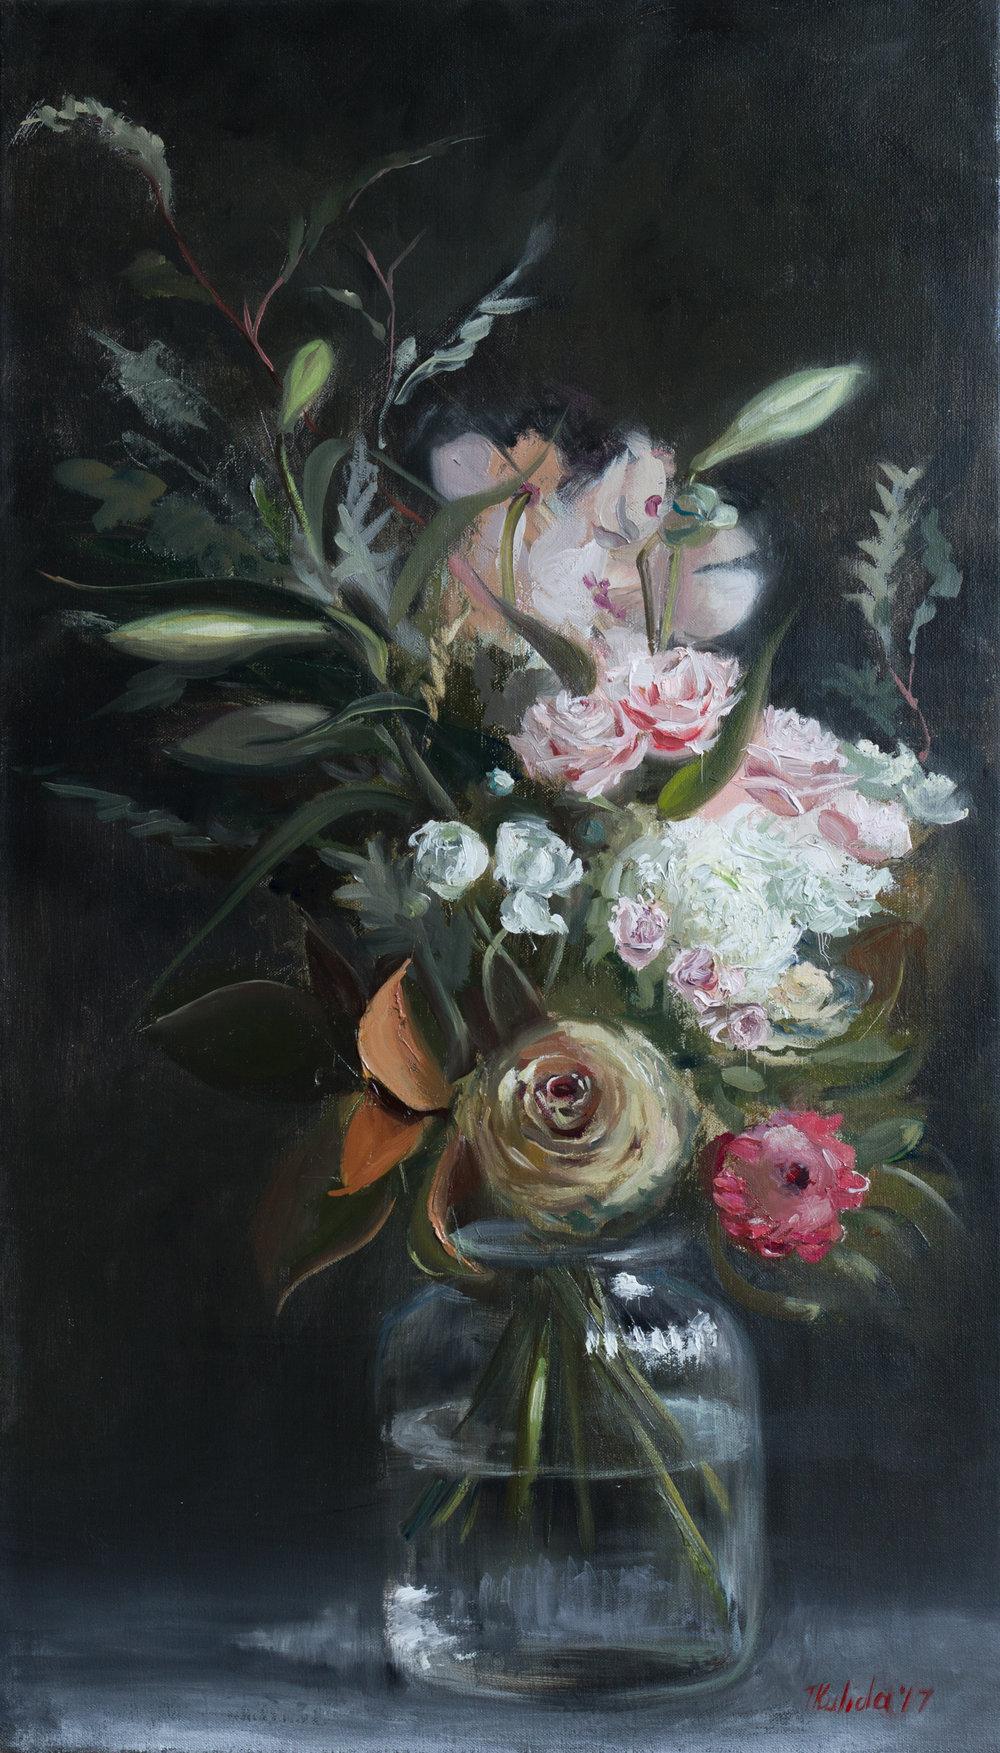 Anniversary Flowers, 40x70, framed, June 2017